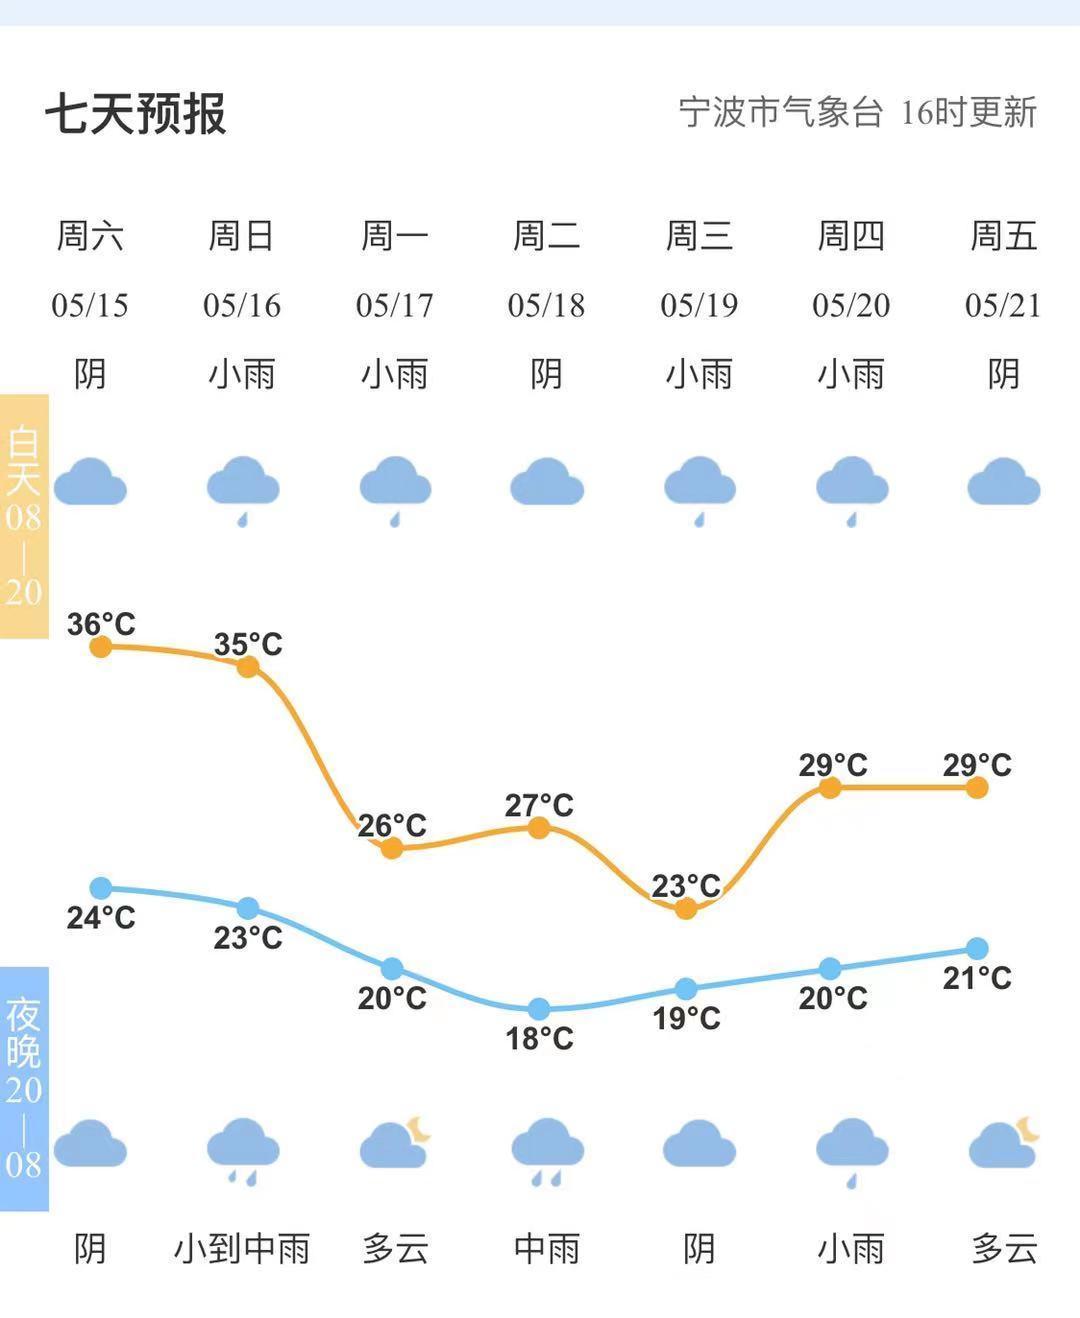 近三天宁波将出现强对流天气 市防指提醒做好防御工作